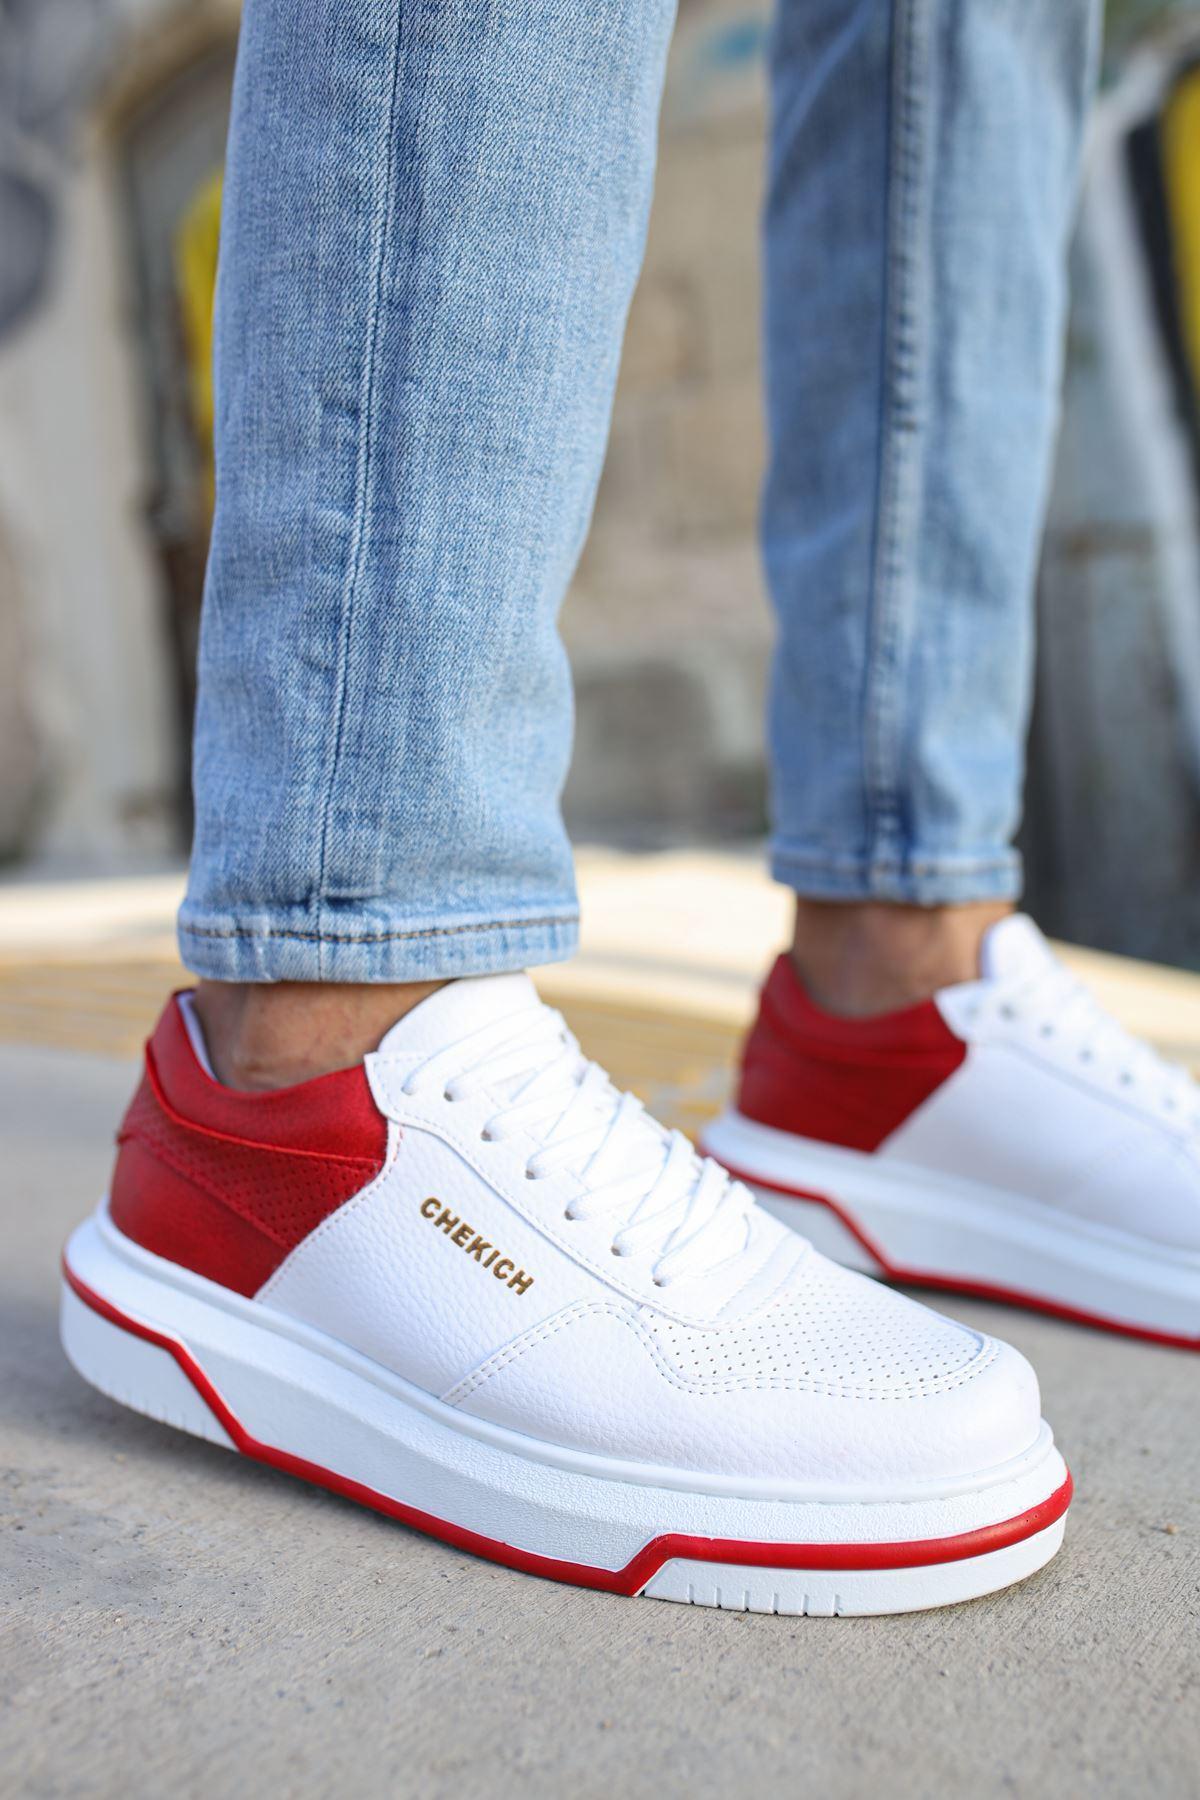 Chekich CH075 İpekyol Beyaz Taban Erkek Ayakkabı BEYAZ / KIRMIZI